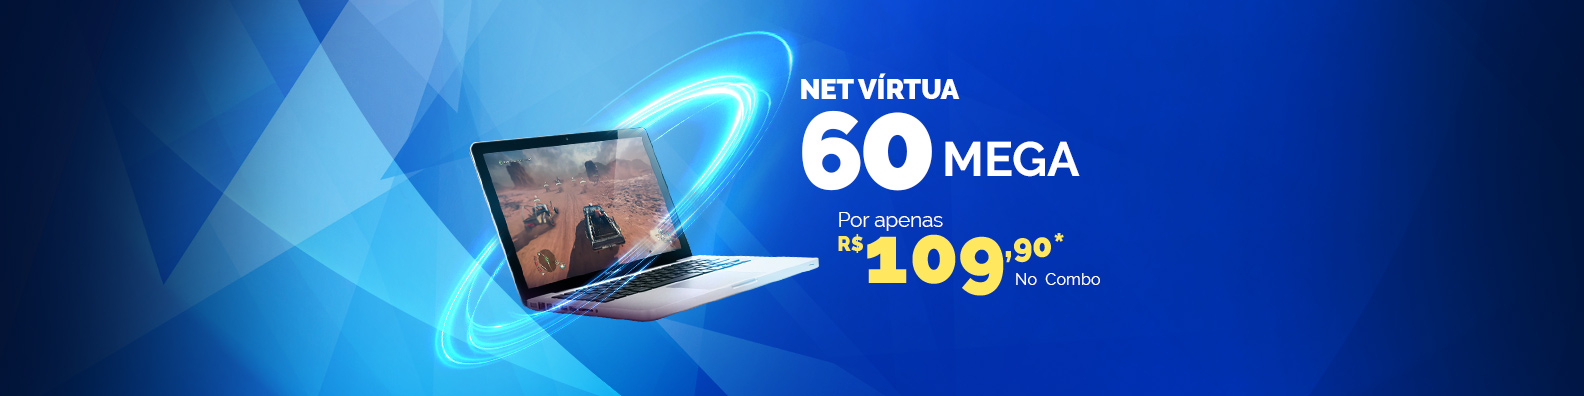 net virtua 5 mega por apenas 69 no combo